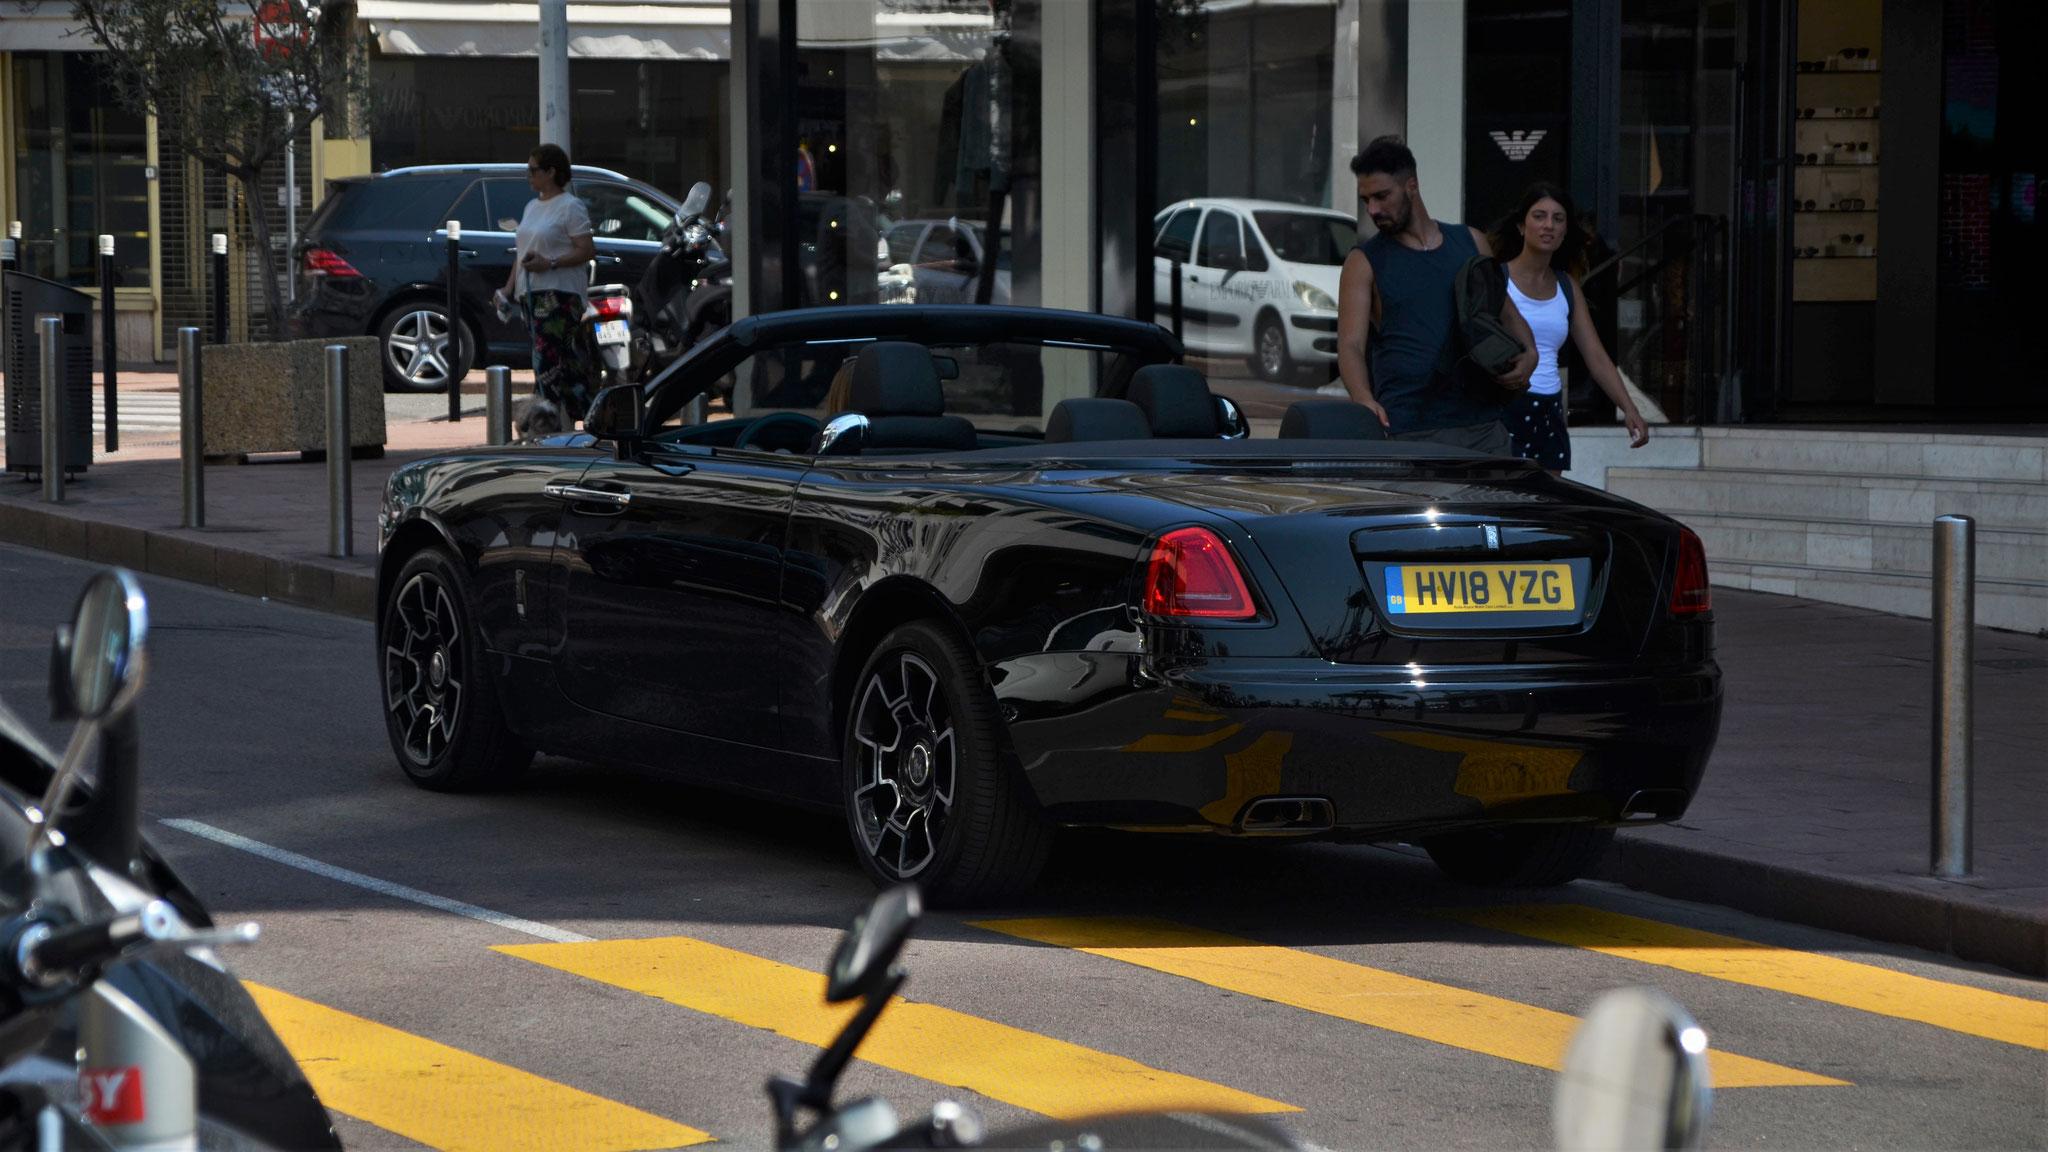 Rolls Royce Dawn Black Badge - HV18-YZG (GB)